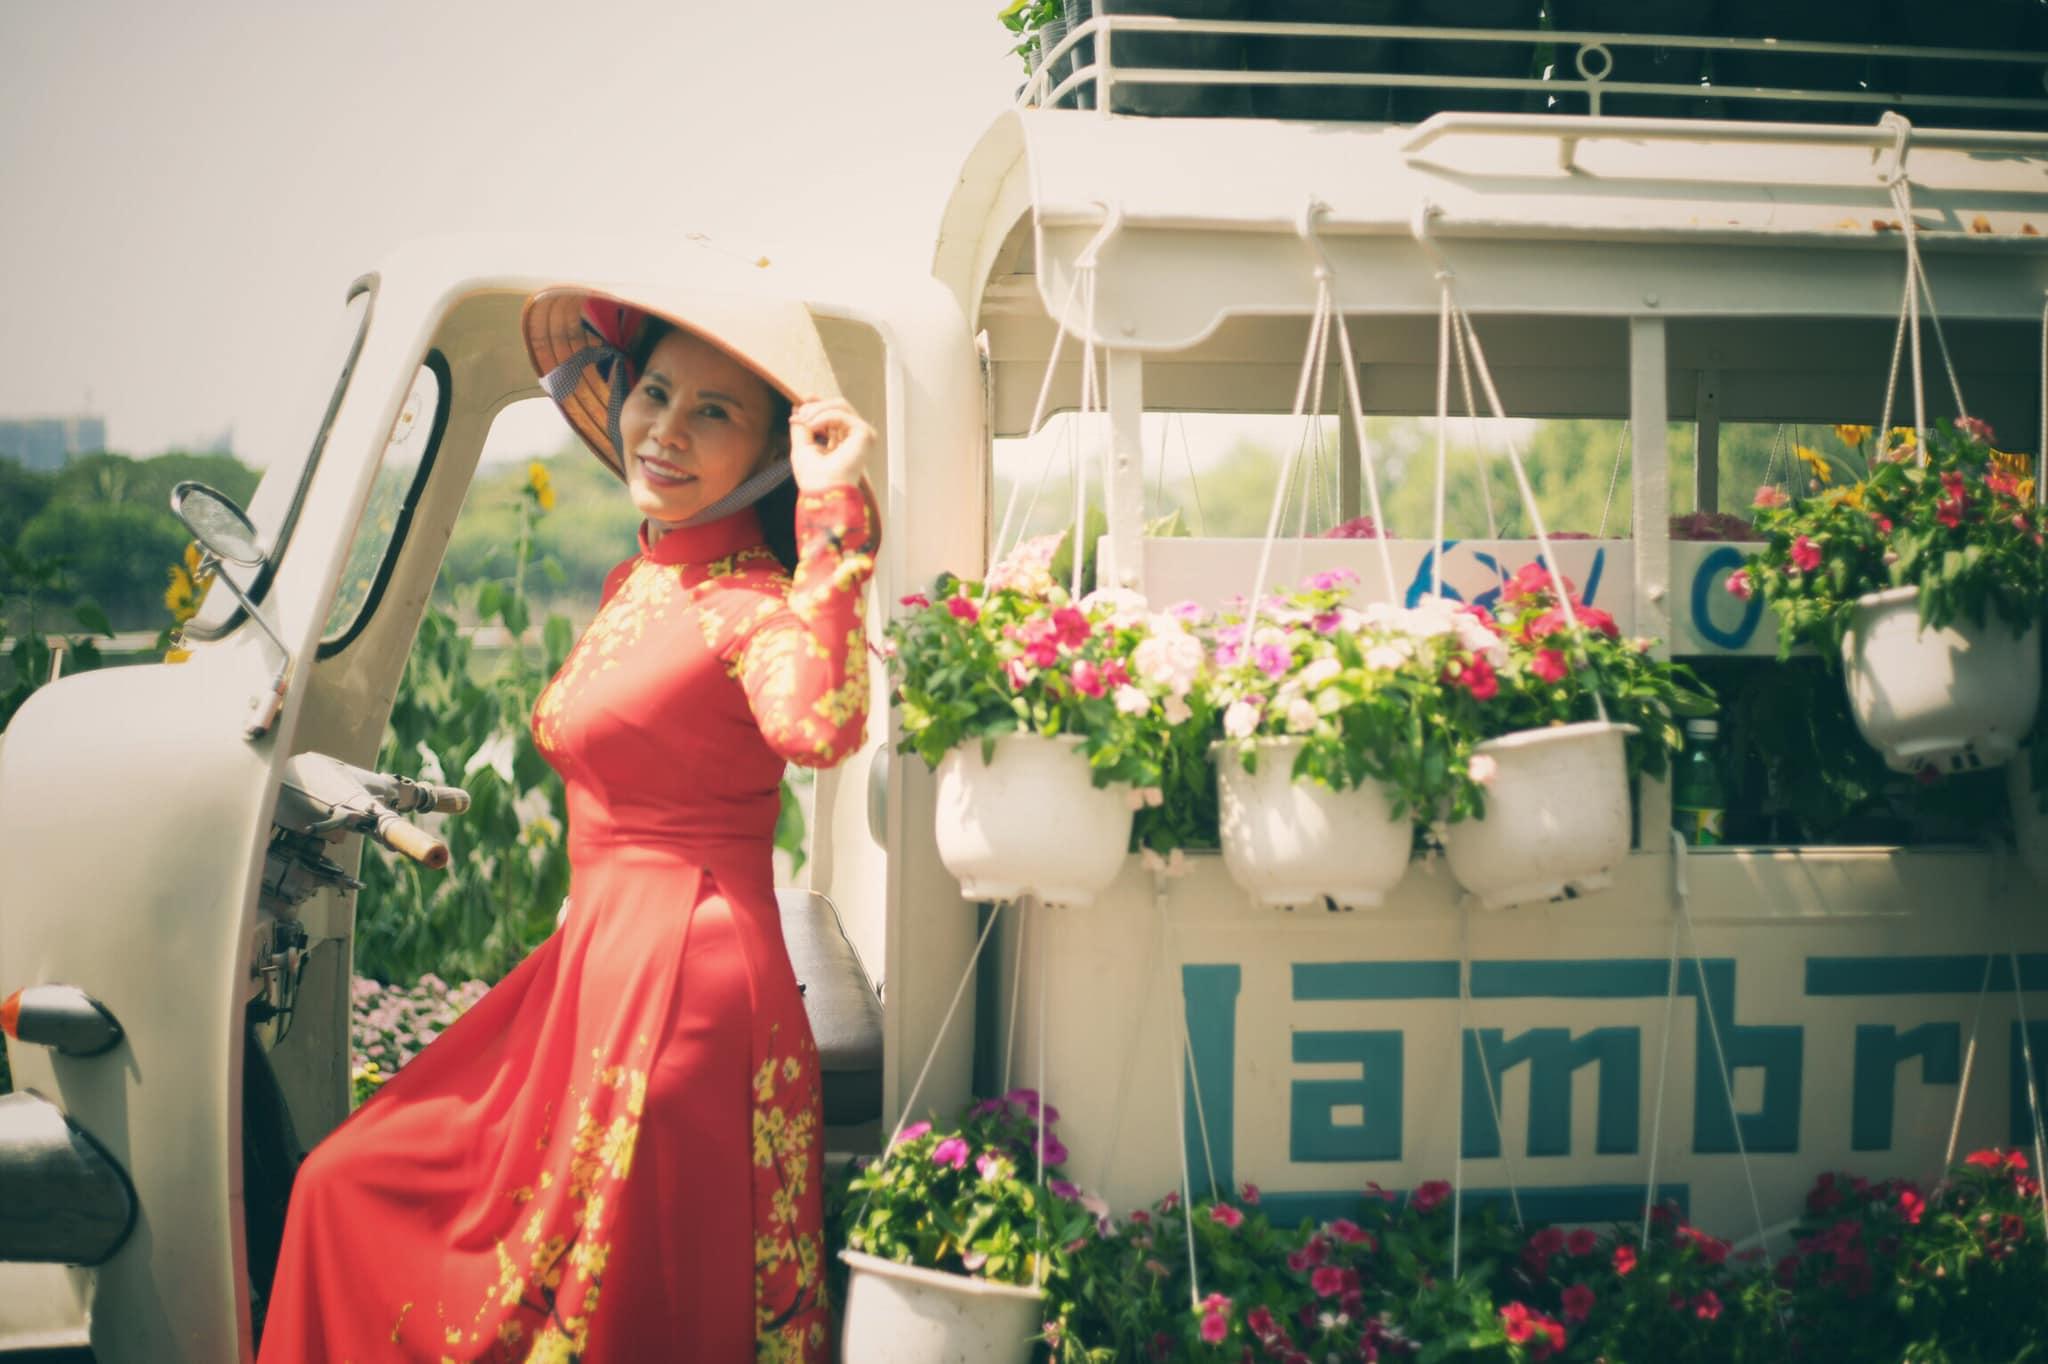 Cô Ngọc Hương chuộng các mẫu áo dài phom dáng truyền thống, tông màu tươi sáng như đỏ, tím, xanh khiến người mặc có được cảm giác phấn chấn, yêu đời hơn.